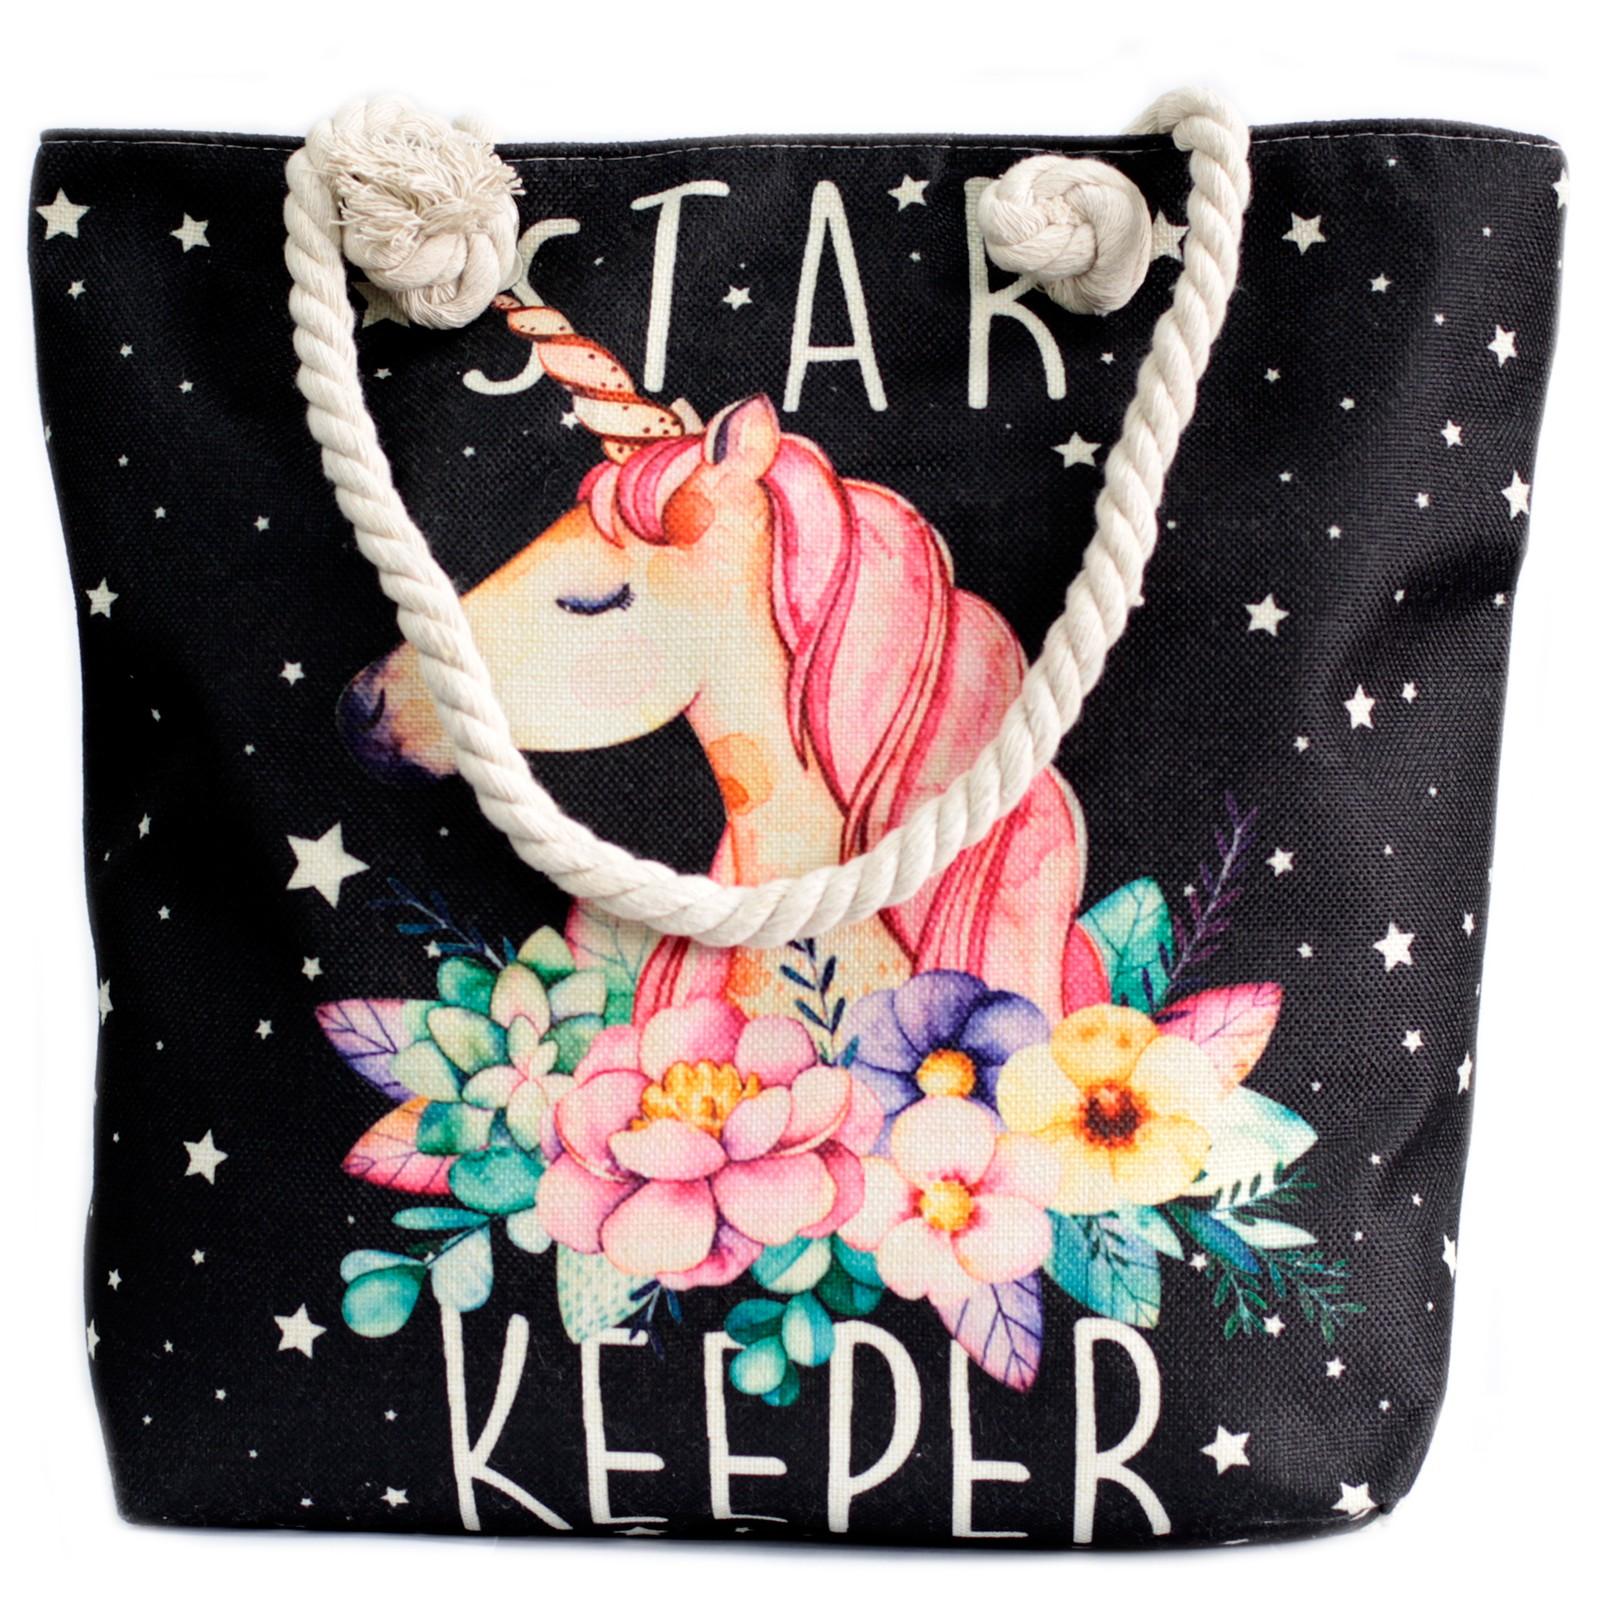 Rope Handle Bag Star Keeper Unicorn